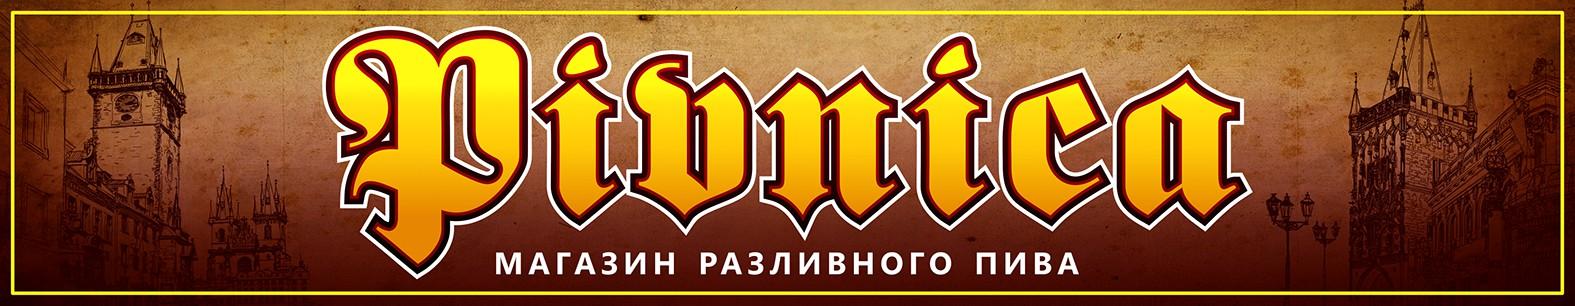 Губит людей не пиво!)))